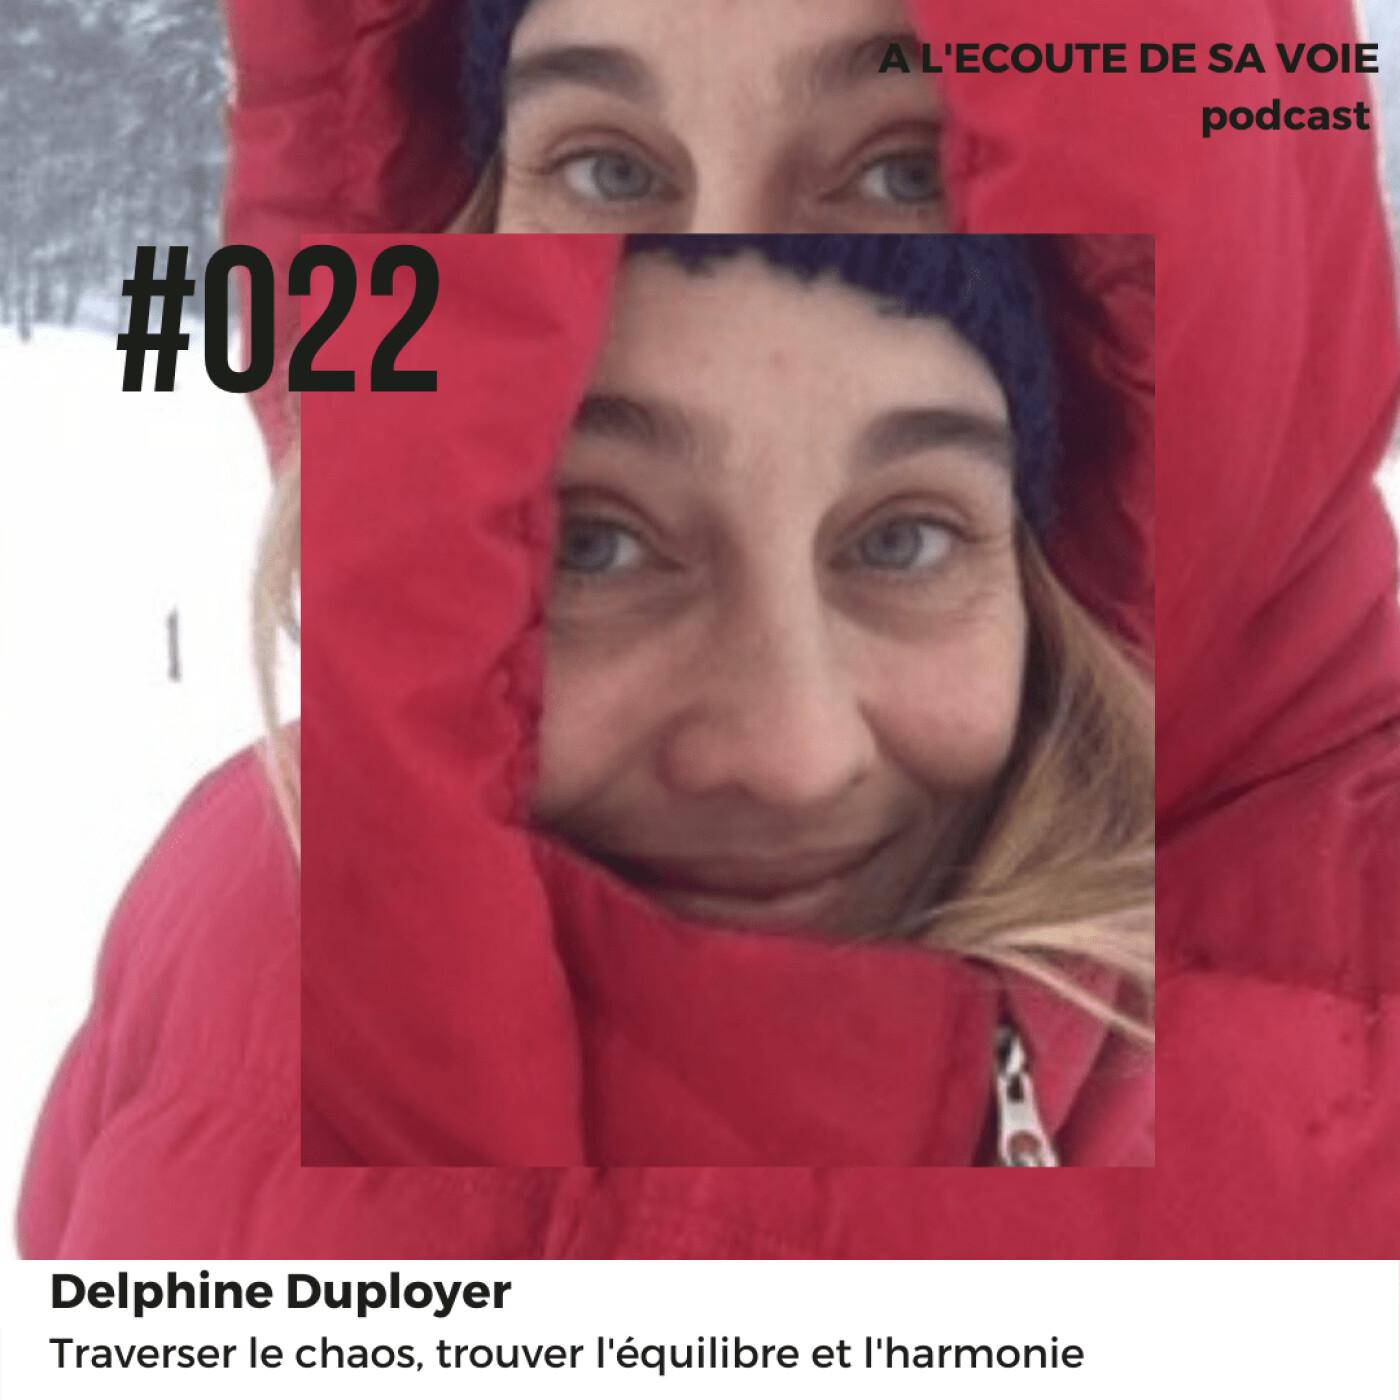 #022 Delphine Duployer – Traverser le chaos, retrouver l'équilibre et l'harmonie